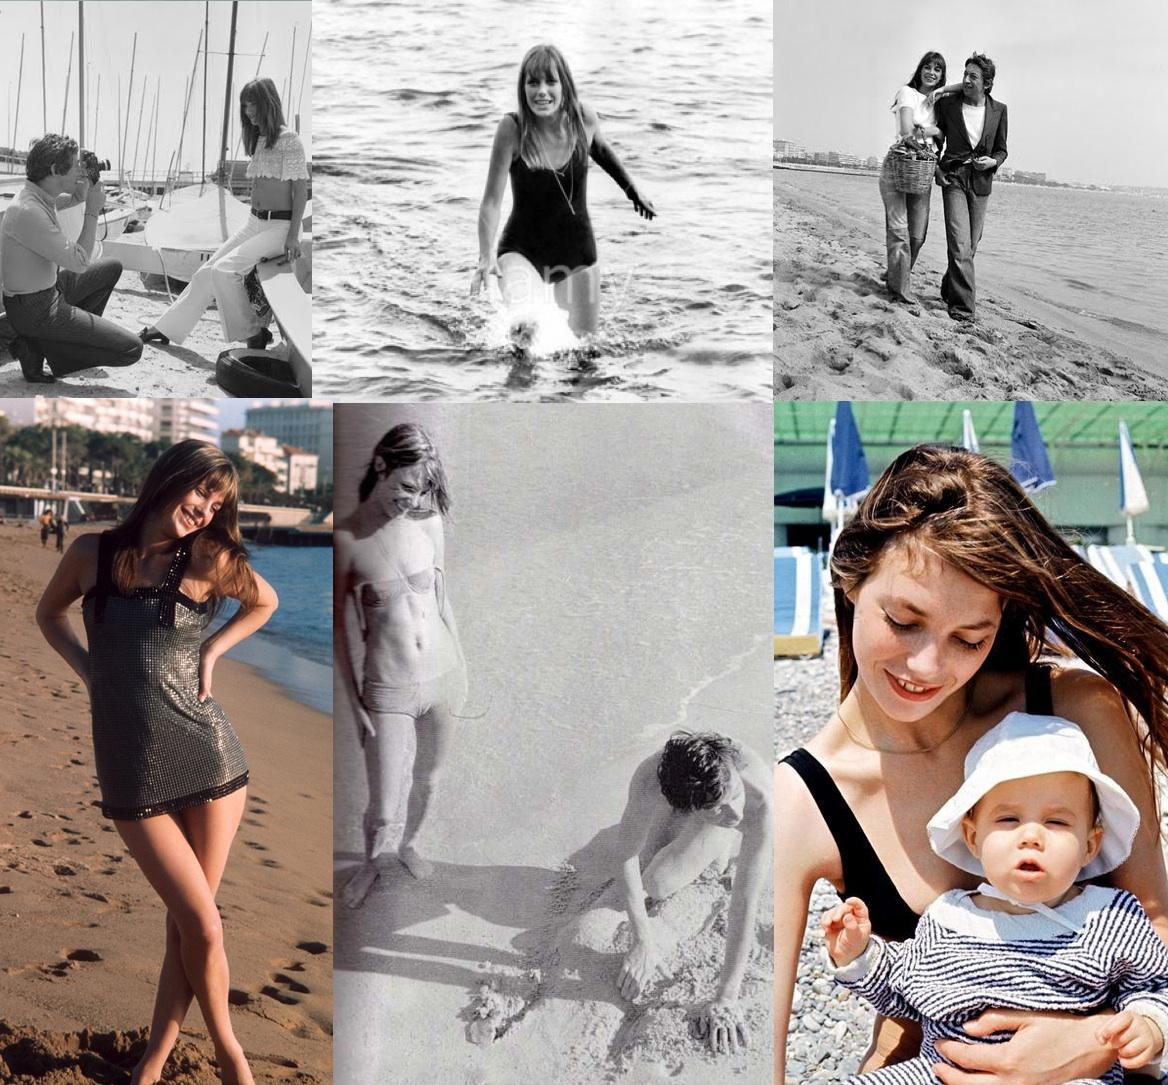 http://3.bp.blogspot.com/--vtTMz_dCtY/TfJ5IUrr7FI/AAAAAAAACrQ/lG2iLBGRPiU/s1600/Jane+Birkin_ocean.jpg